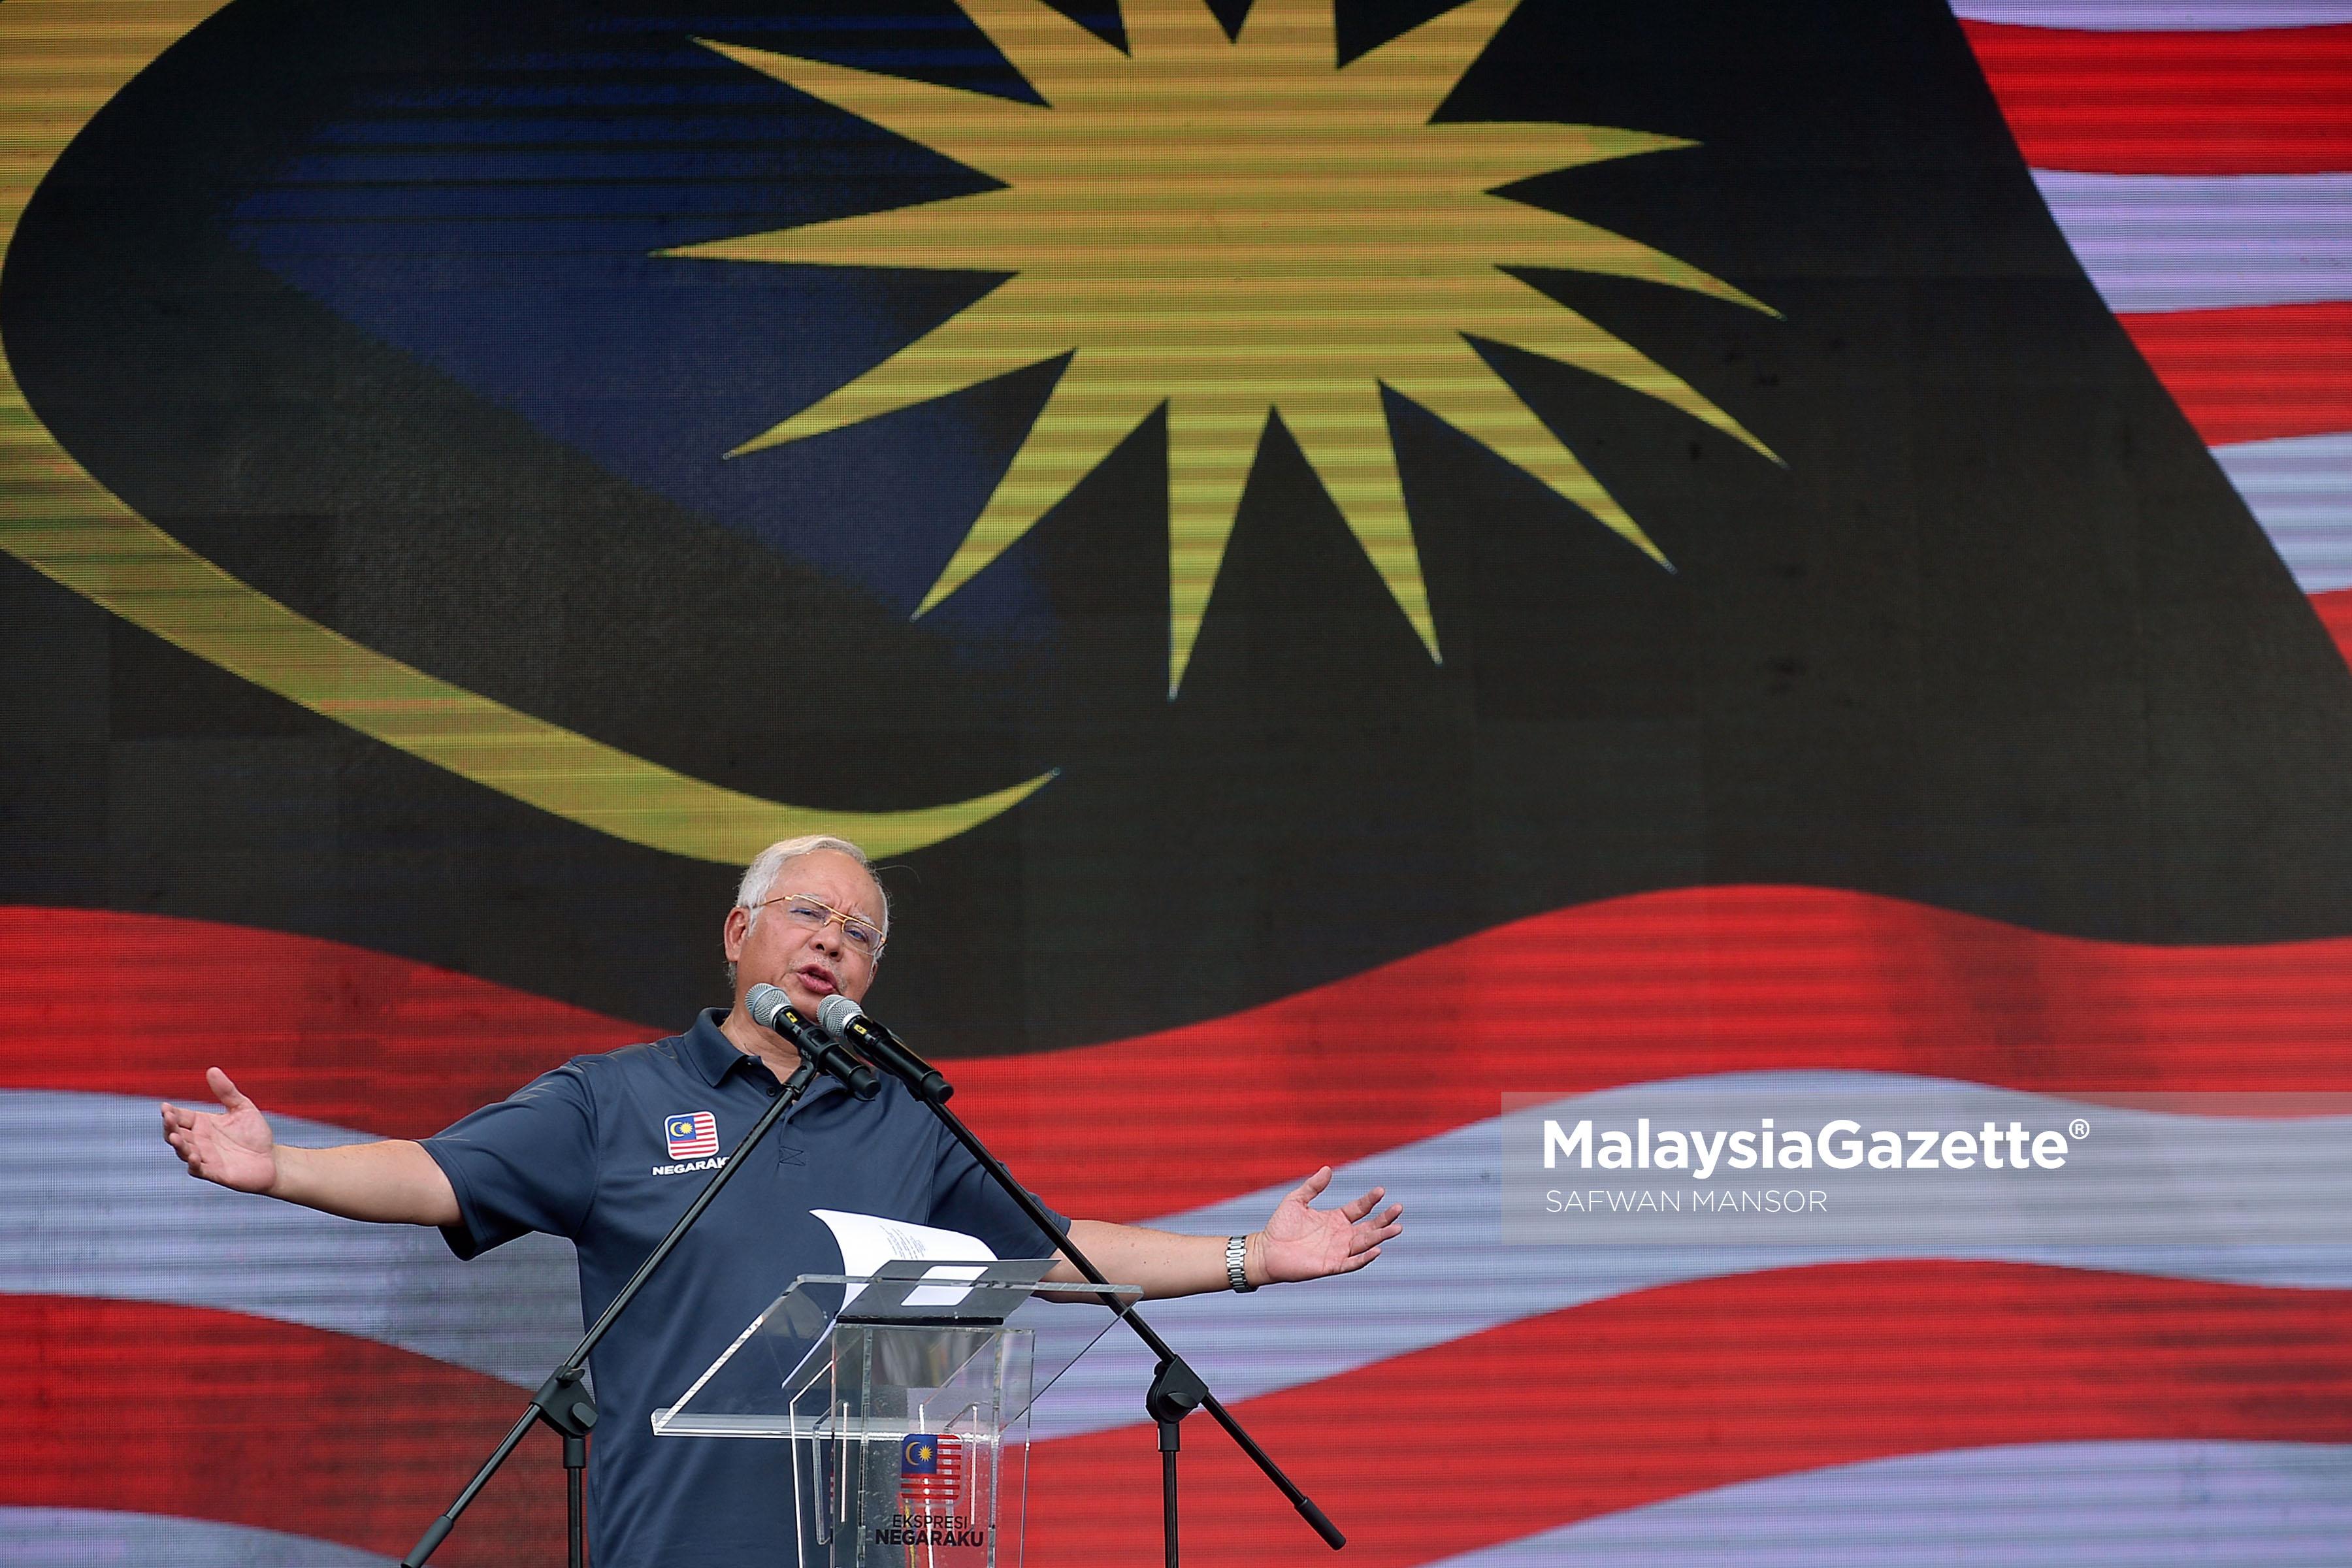 Perdana Menteri, Datuk Seri Najib Tun Razak berucap pada Majlis Pelancaran Kempen Ekspresi Negaraku di Putrajaya. foto SAFWAN MANSOR, 18 MAC 2017